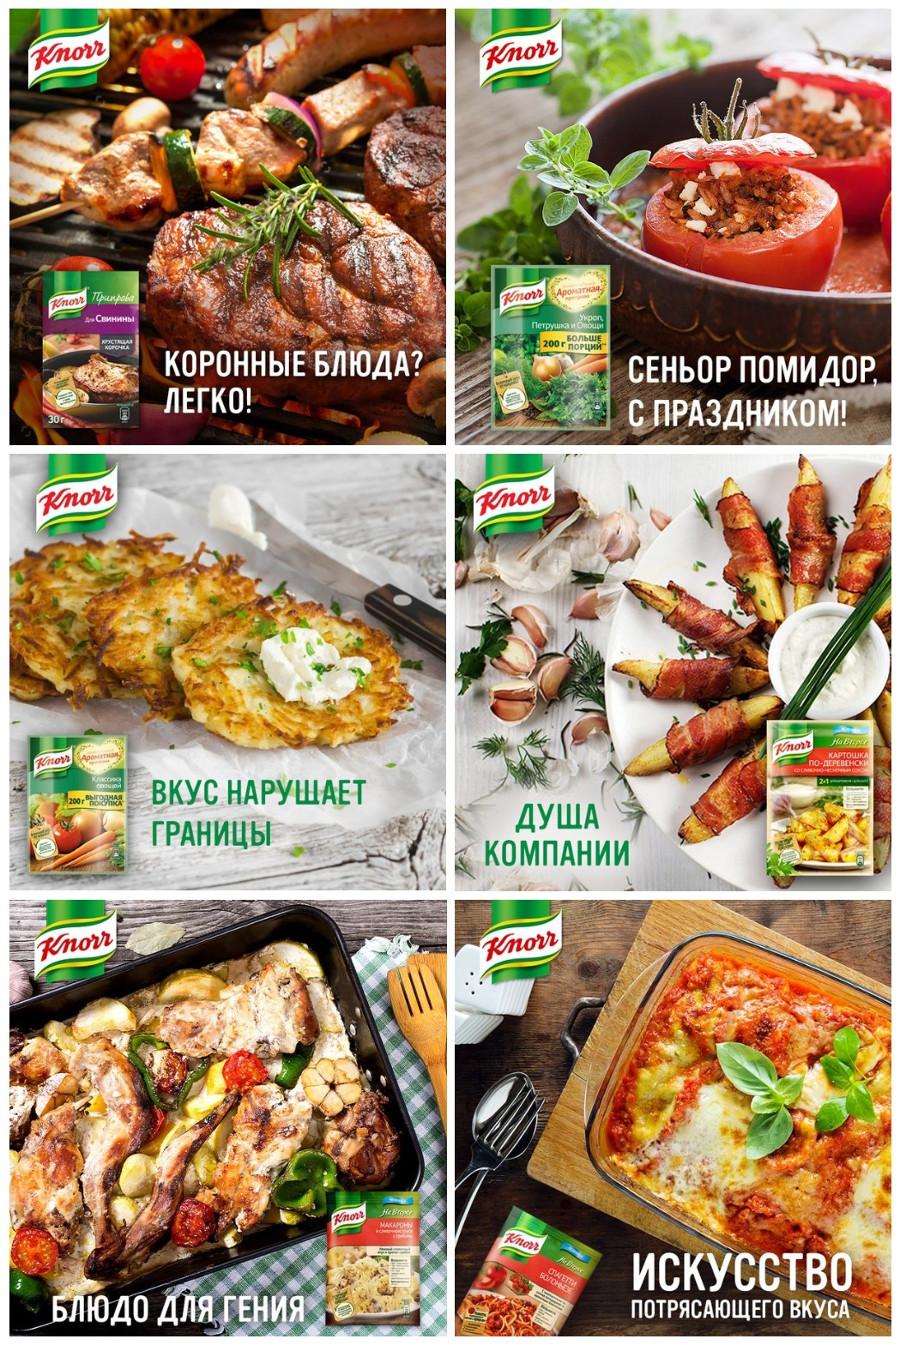 Стиль оформления страницы бренда «Knorr»